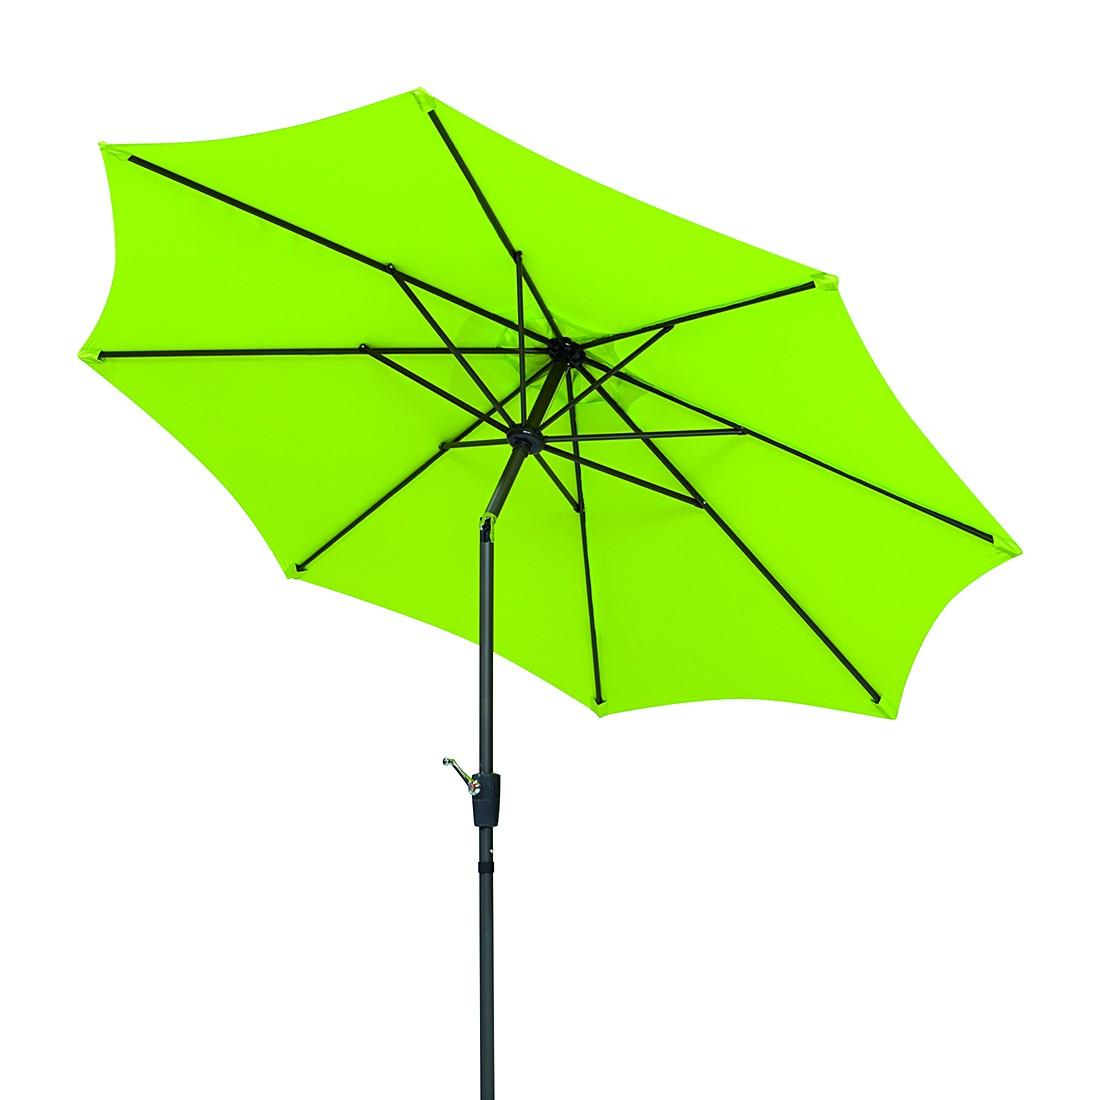 Harlem 270 Sonnenschirm - Aluminium/Polyester - Anthrazit/Apfelgrün, Schneider Schirme